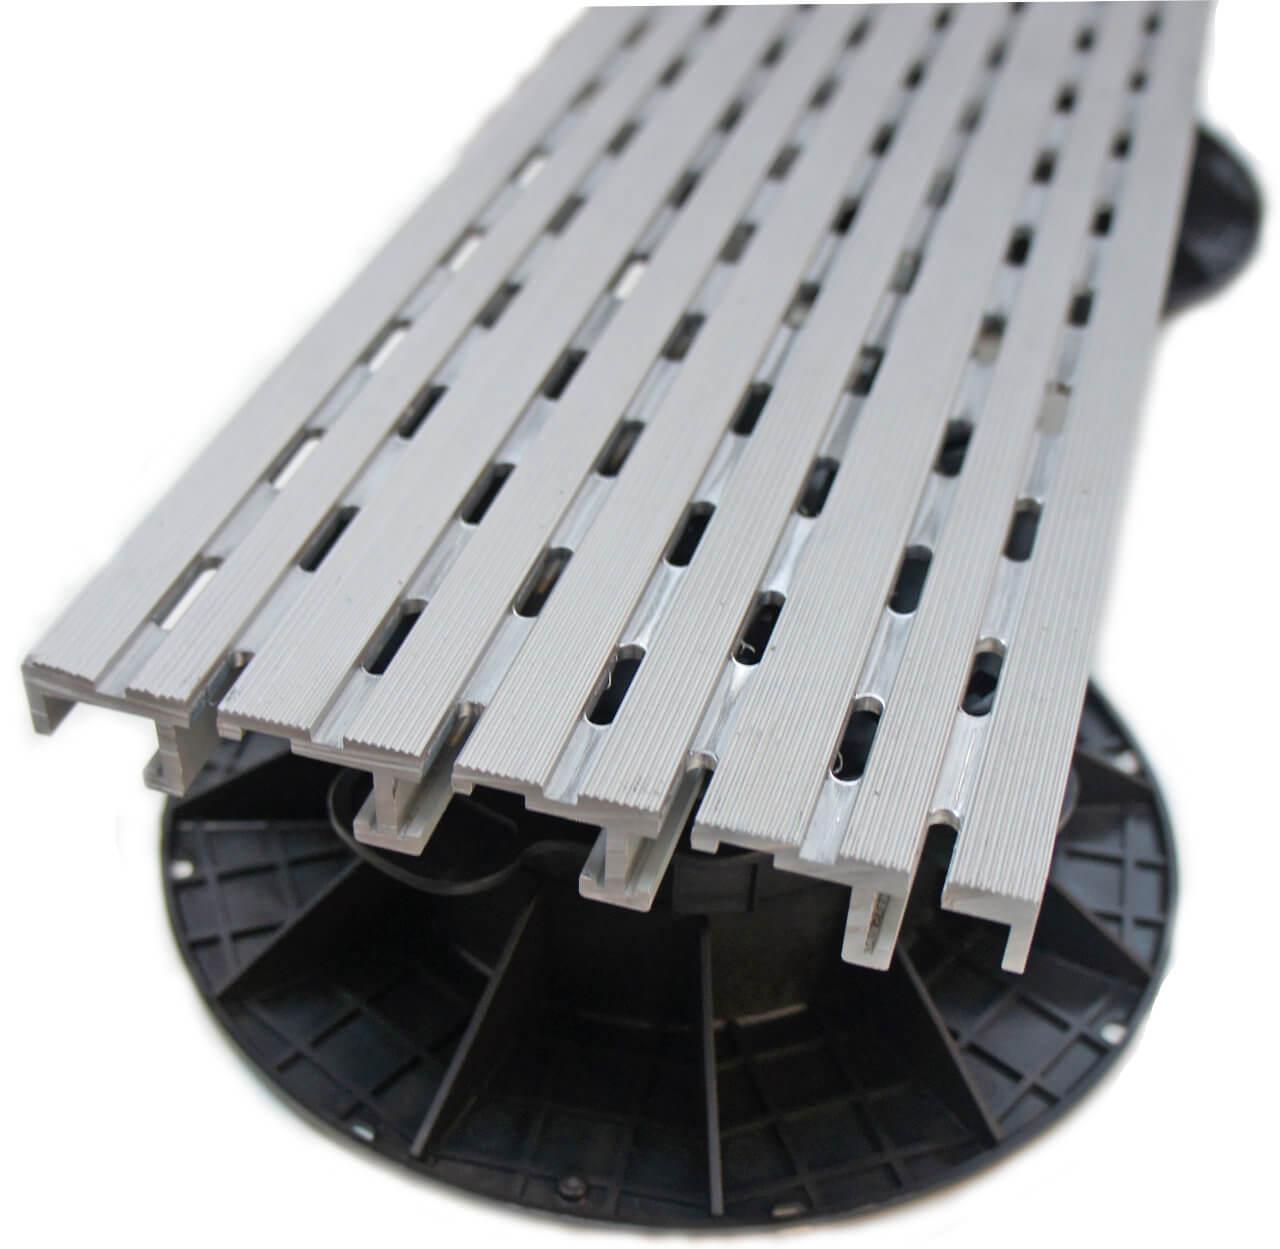 Fassadenrinne / Entwässerungsrinne / Belüftungsrinne – Mr. Gardener